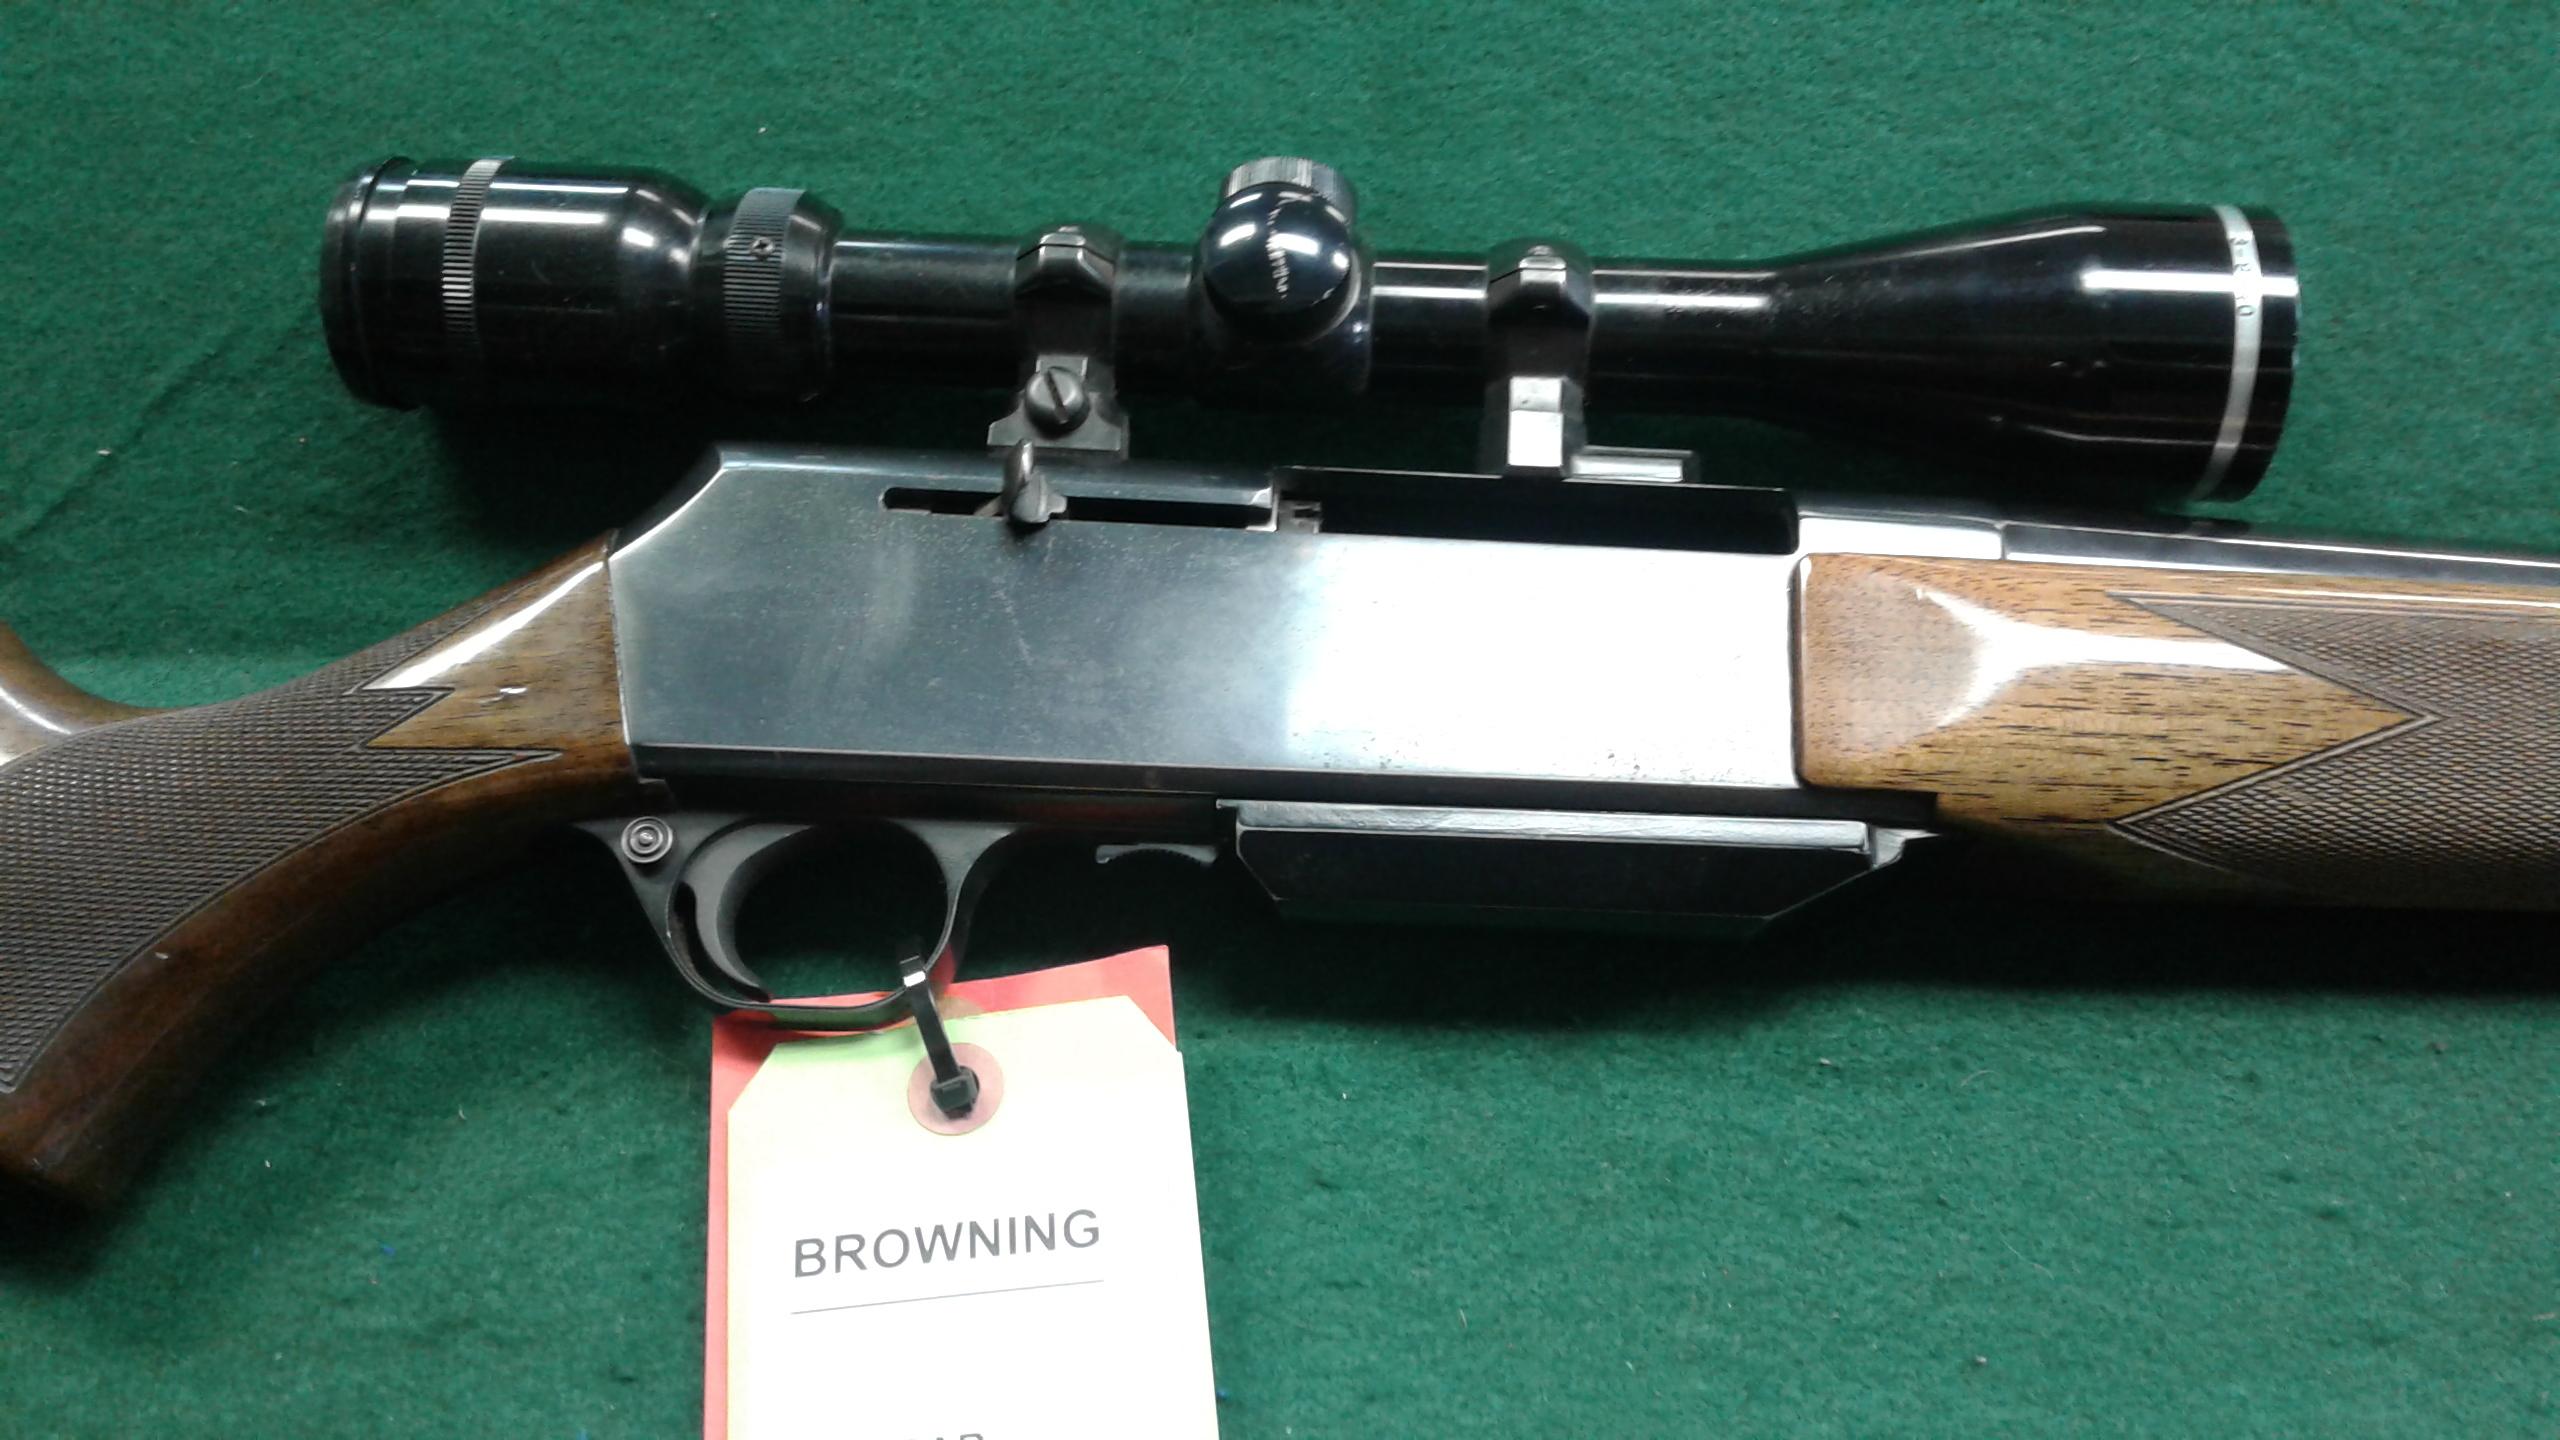 BROWNING BAR 7MM REM MAG RIFLE - Semi Auto Rifles at